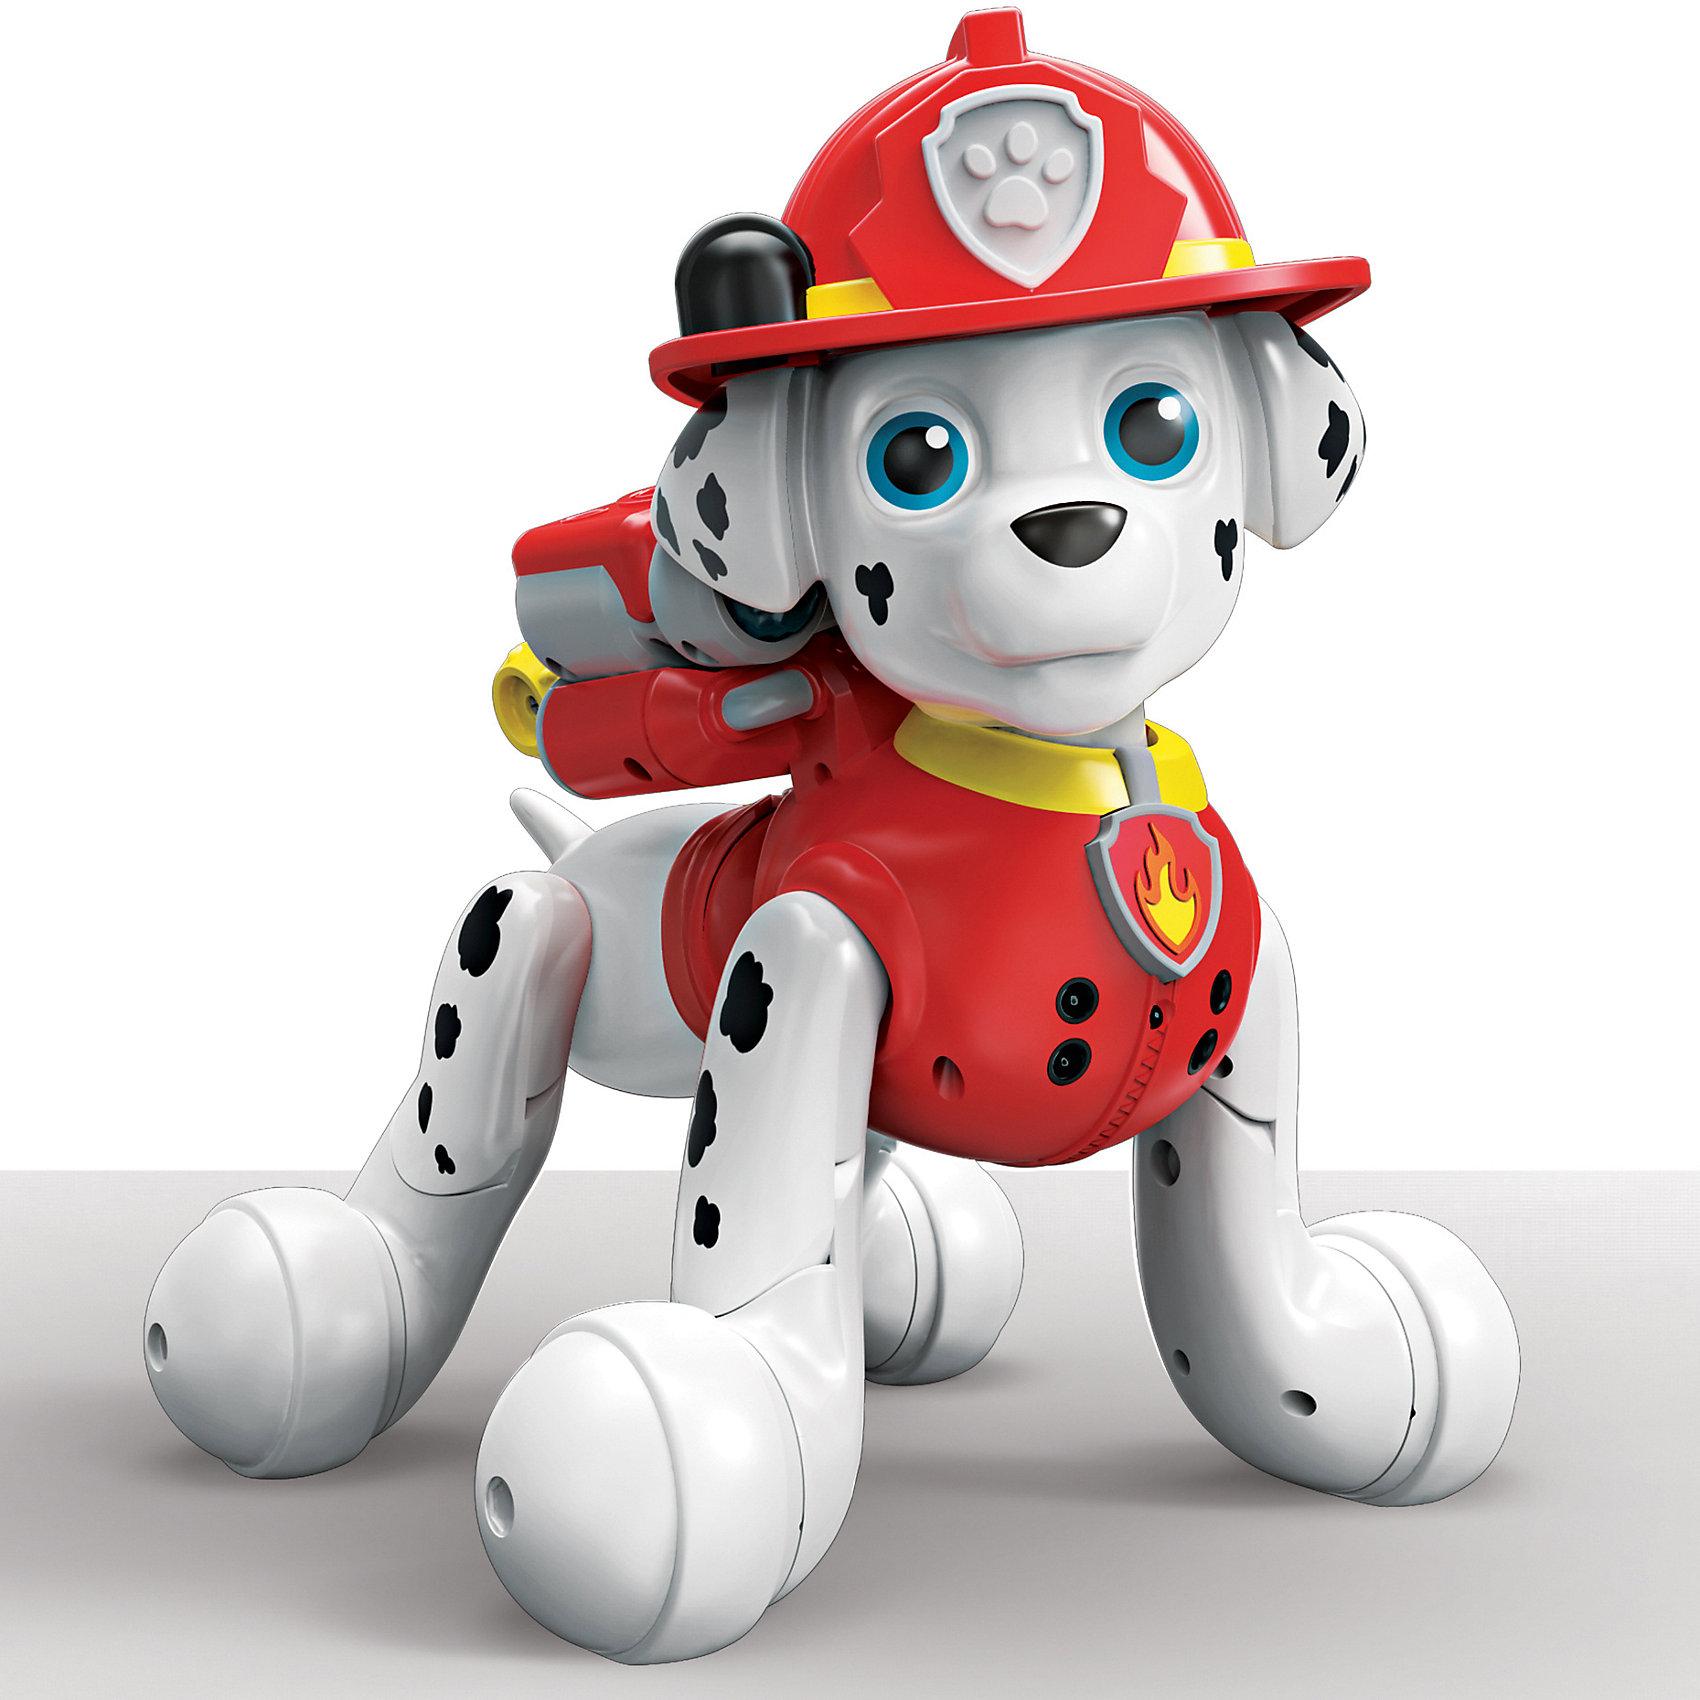 Интерактивная игрушка Маршал, ZoomerРоботы<br>Характеристики товара:<br><br>- цвет: разноцветный;<br>- материал: пластик;<br>- особенности: интерактивная;<br>- размер упаковки: 25х11х20 см.<br><br>Такой интерактивный щенок не оставит ребенка равнодушным! Какой малыш откажется поиграть с щенком-игрушкой в виде любимого героя из мультфильма?! Игрушка отлично детализирована, очень качественно выполнена, поэтому она станет отличным подарком ребенку. Она имеет два режима работы - «Щенок» (произносит 40 наиболее часто употребляемых в мультфильме фраз, функция активизируется нажатием на голову щенка). Второй режим включается нажатием на бейджик спасателя, расположенный на ошейнике (произносит более 120 звуков и фраз, поет песни из мультфильма, танцует, считает, отыгрывает несколько самых известных сюжетов мультфильма.<br>Изделие произведено из высококачественного материала, безопасного для детей.<br><br>Интерактивную игрушку Маршал от бренда Zoomer можно купить в нашем интернет-магазине.<br><br>Ширина мм: 370<br>Глубина мм: 330<br>Высота мм: 250<br>Вес г: 2000<br>Возраст от месяцев: 48<br>Возраст до месяцев: 2147483647<br>Пол: Унисекс<br>Возраст: Детский<br>SKU: 5051998